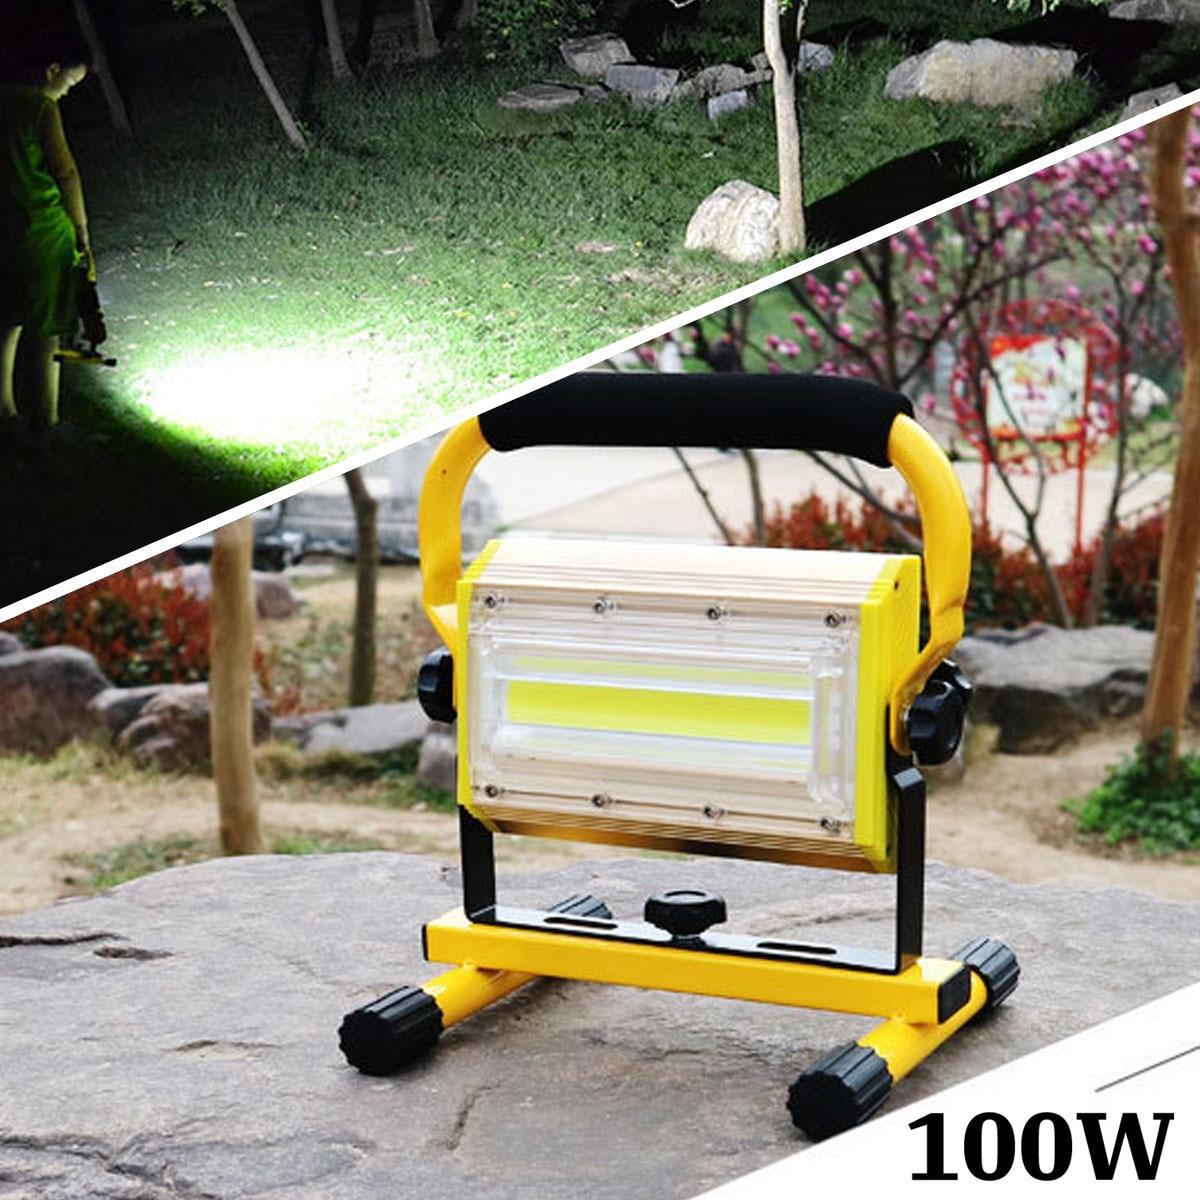 100 W 2400lm projecteur puissant étanche Rechargeable LED tactique Camping pêche travail torche Flash lampe de poche